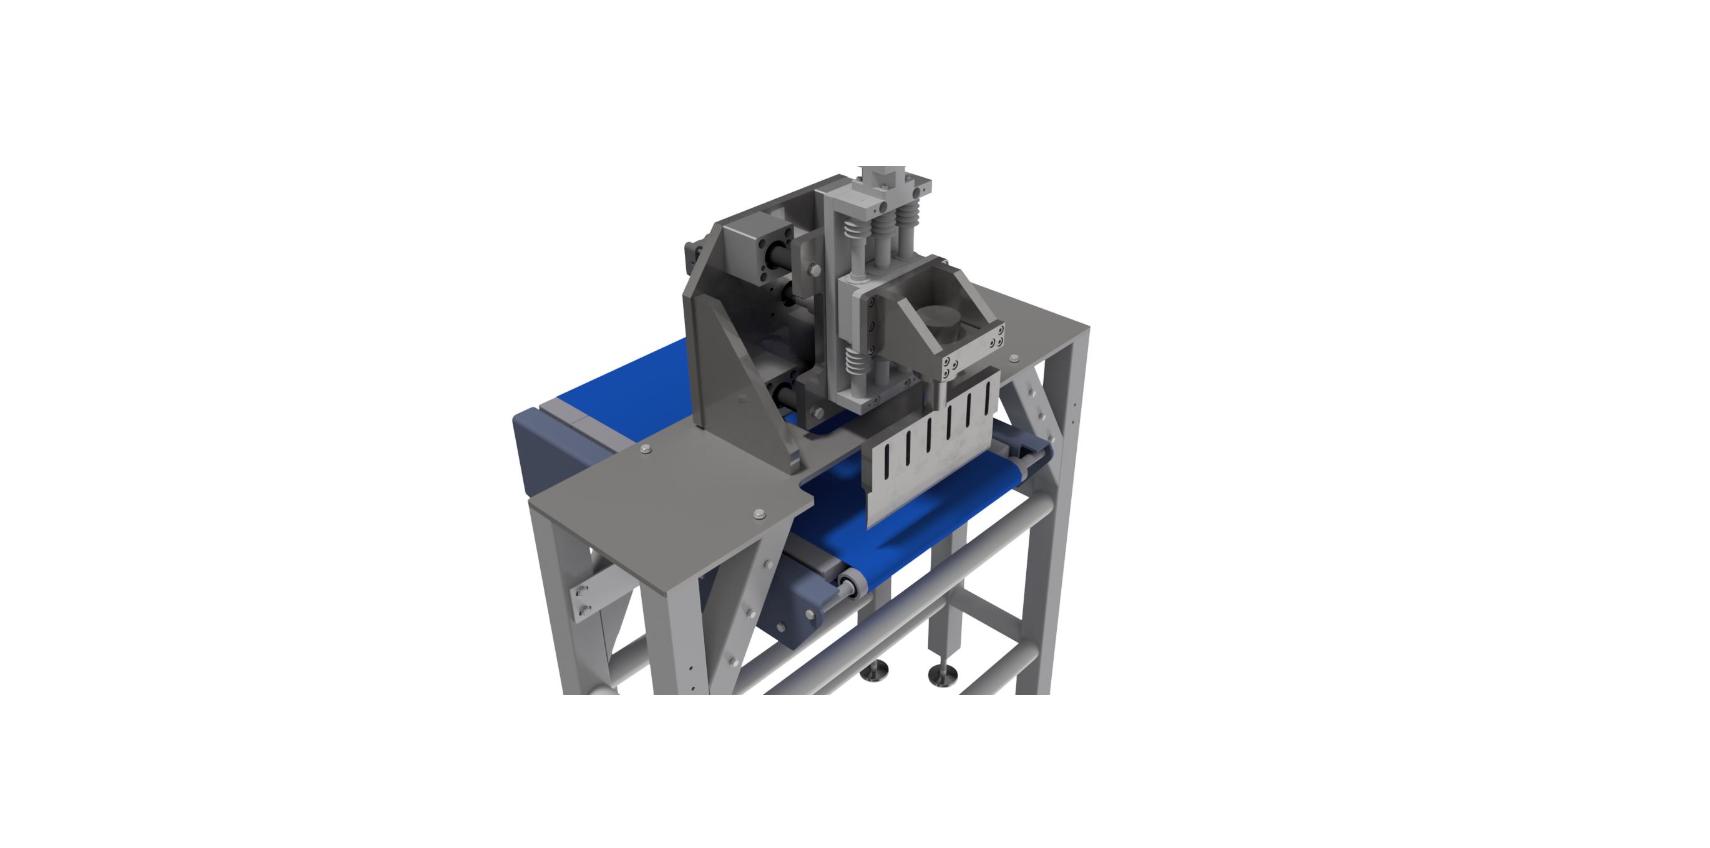 Taglierina ad ultrasuoni con controllo del peso: nuova macchina Ars Pan Industriale